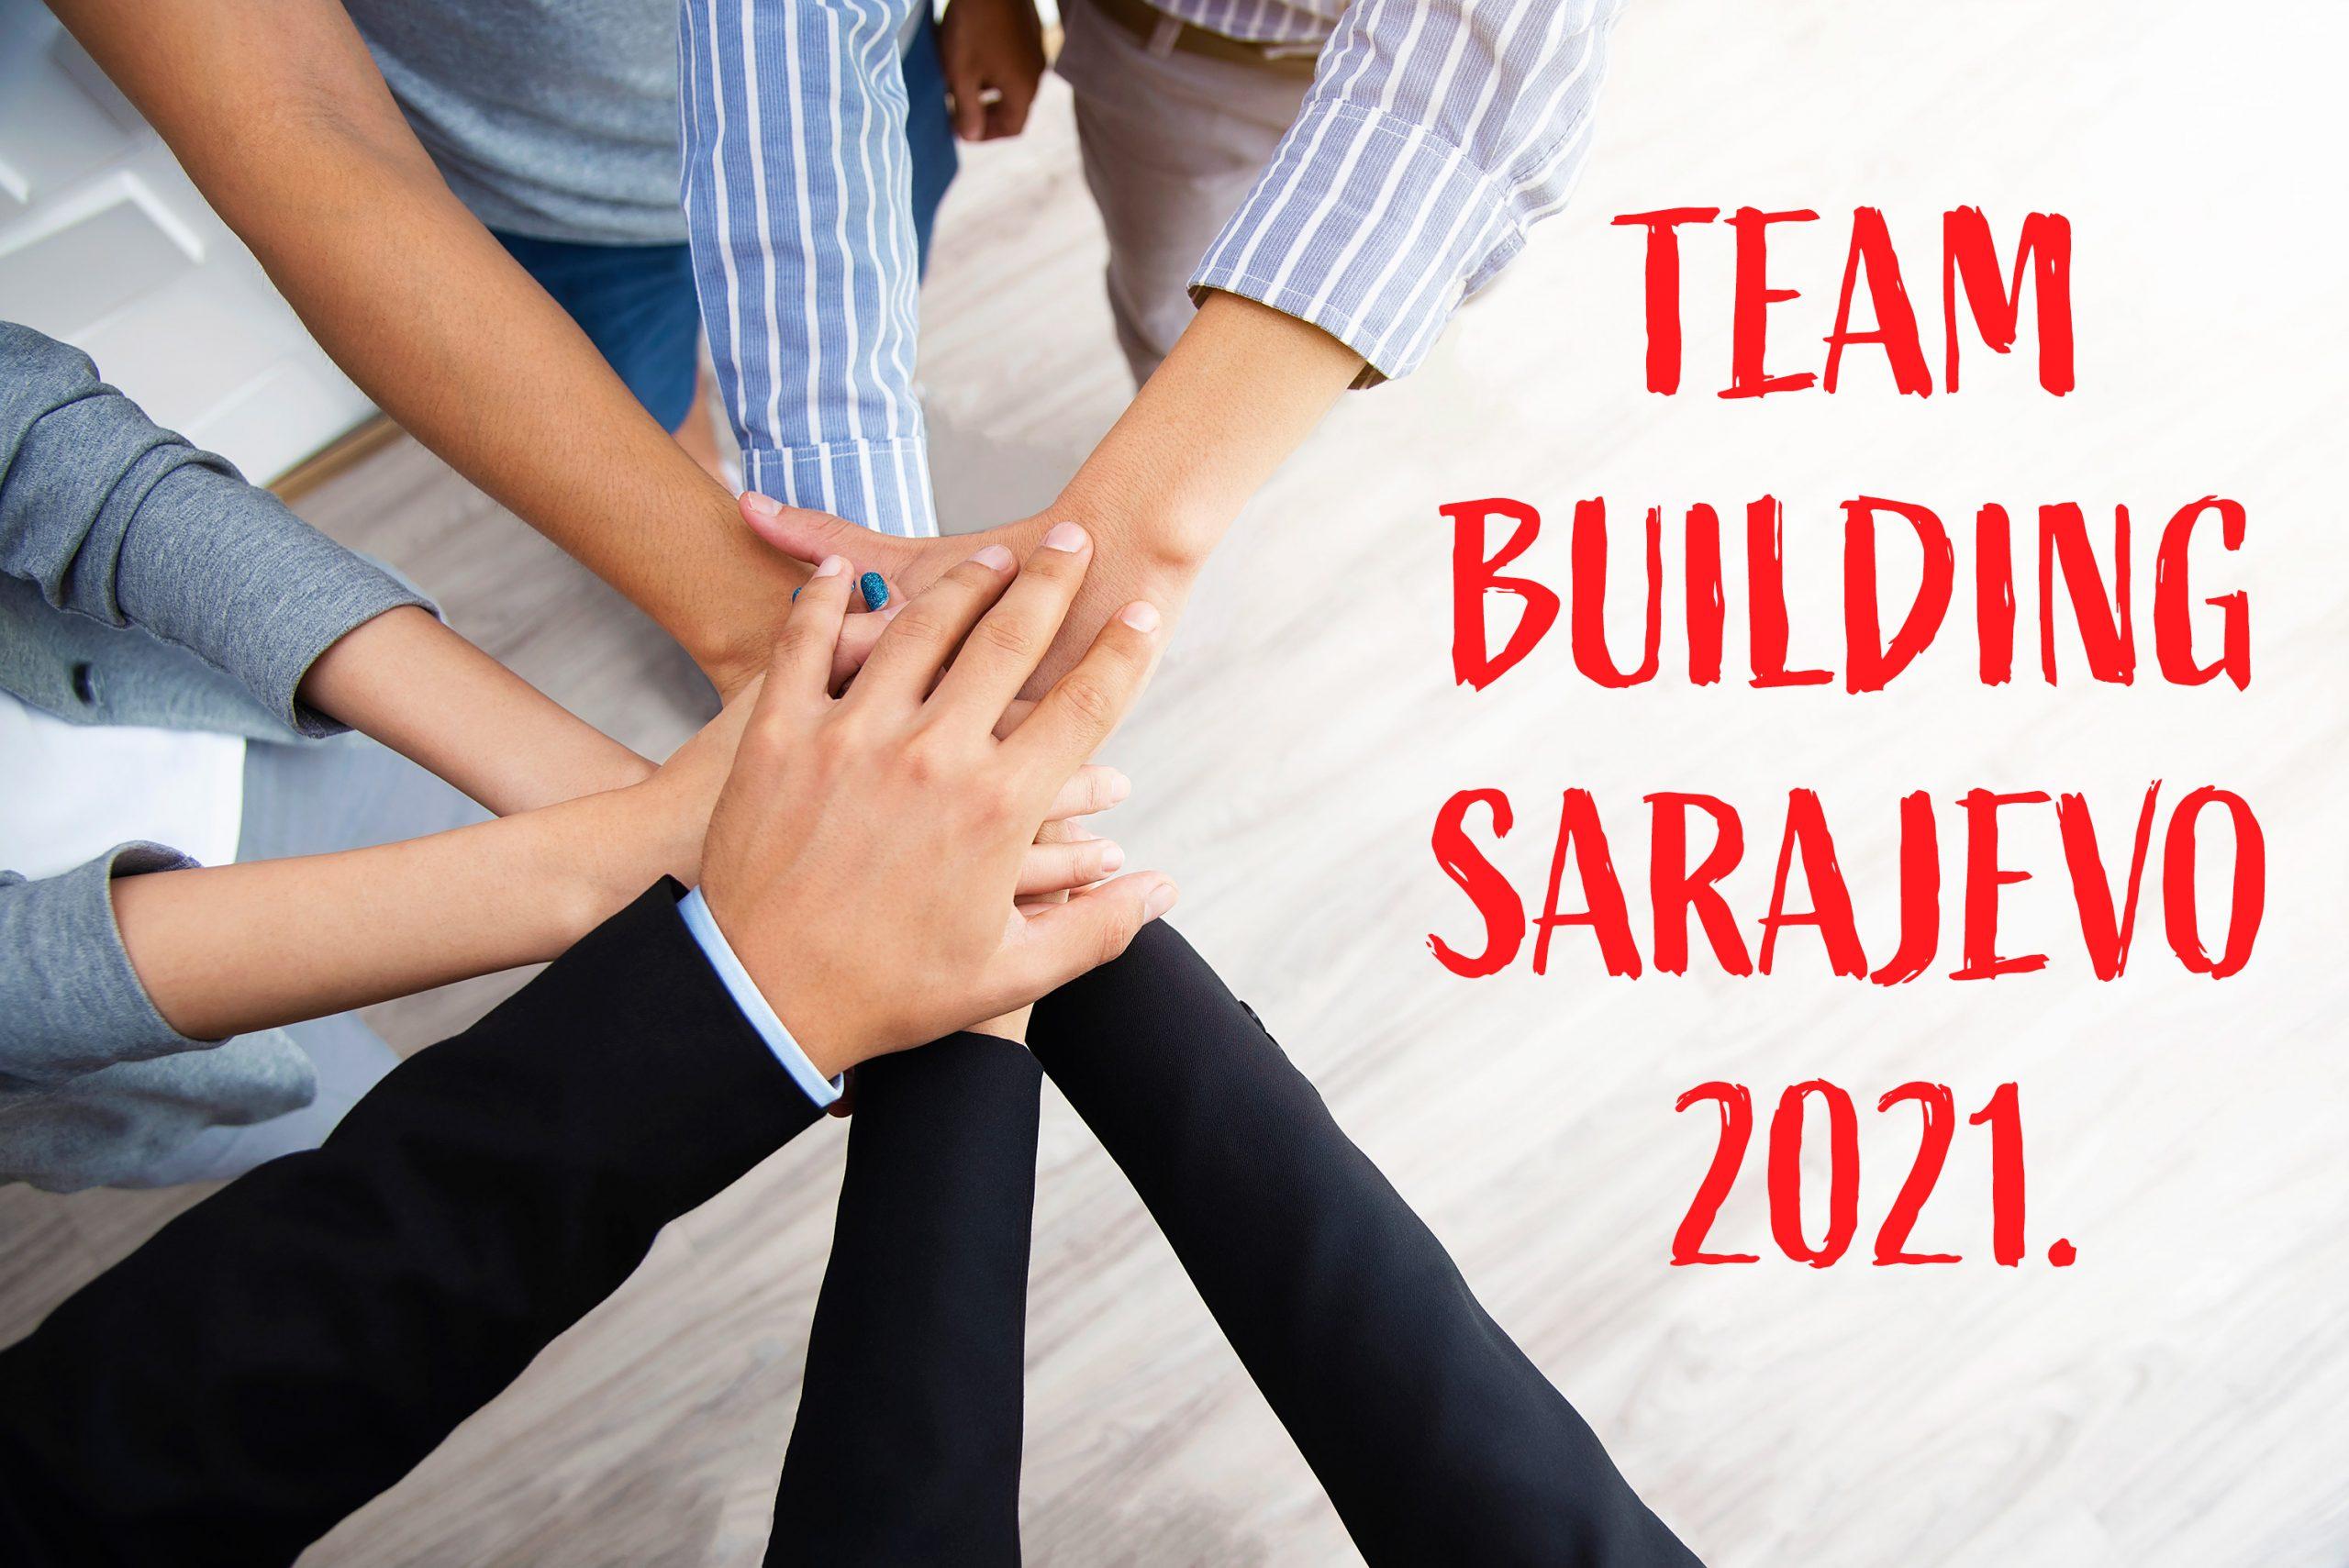 Team building – Sarajevo 2021.